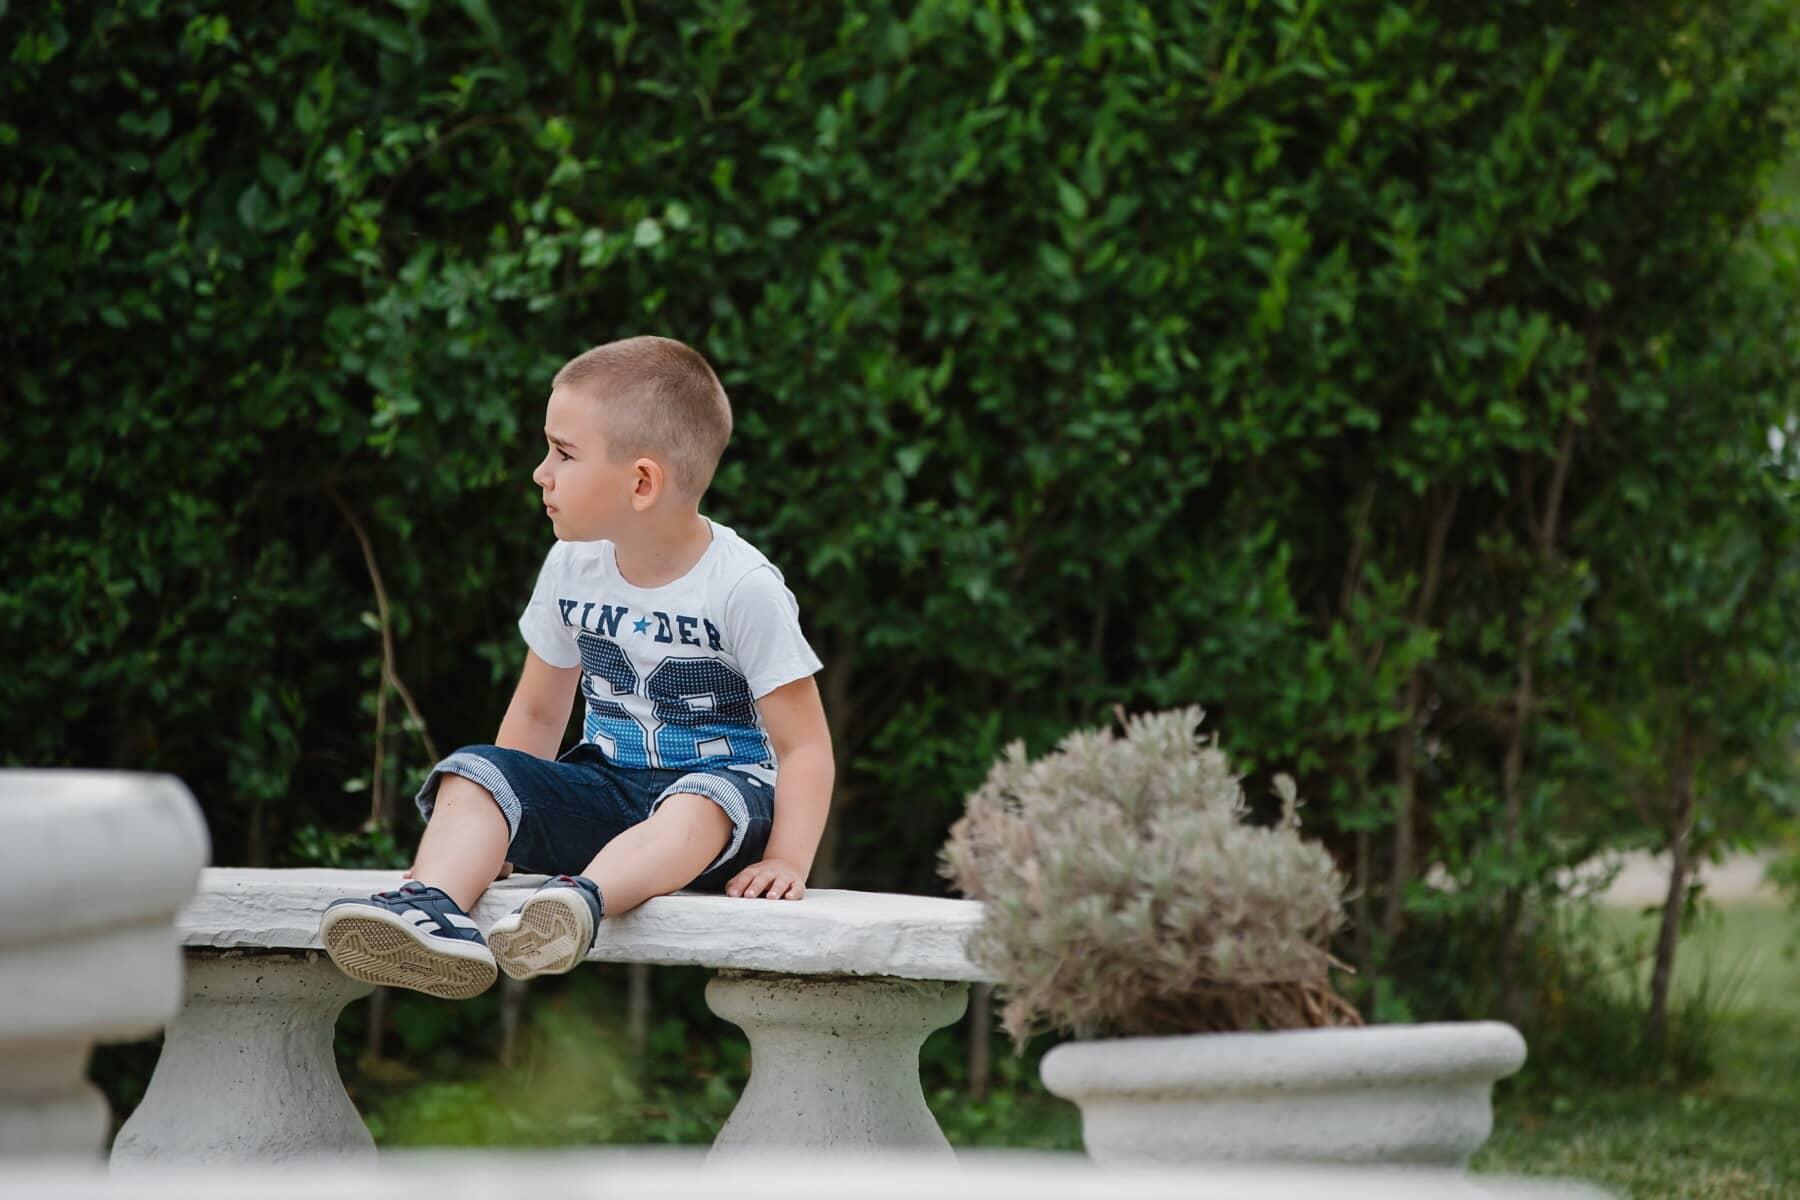 Junge, junge, Hinterhof, sitzen, glücklich, Park, untergeordnete, Garten, sitzen, im freien